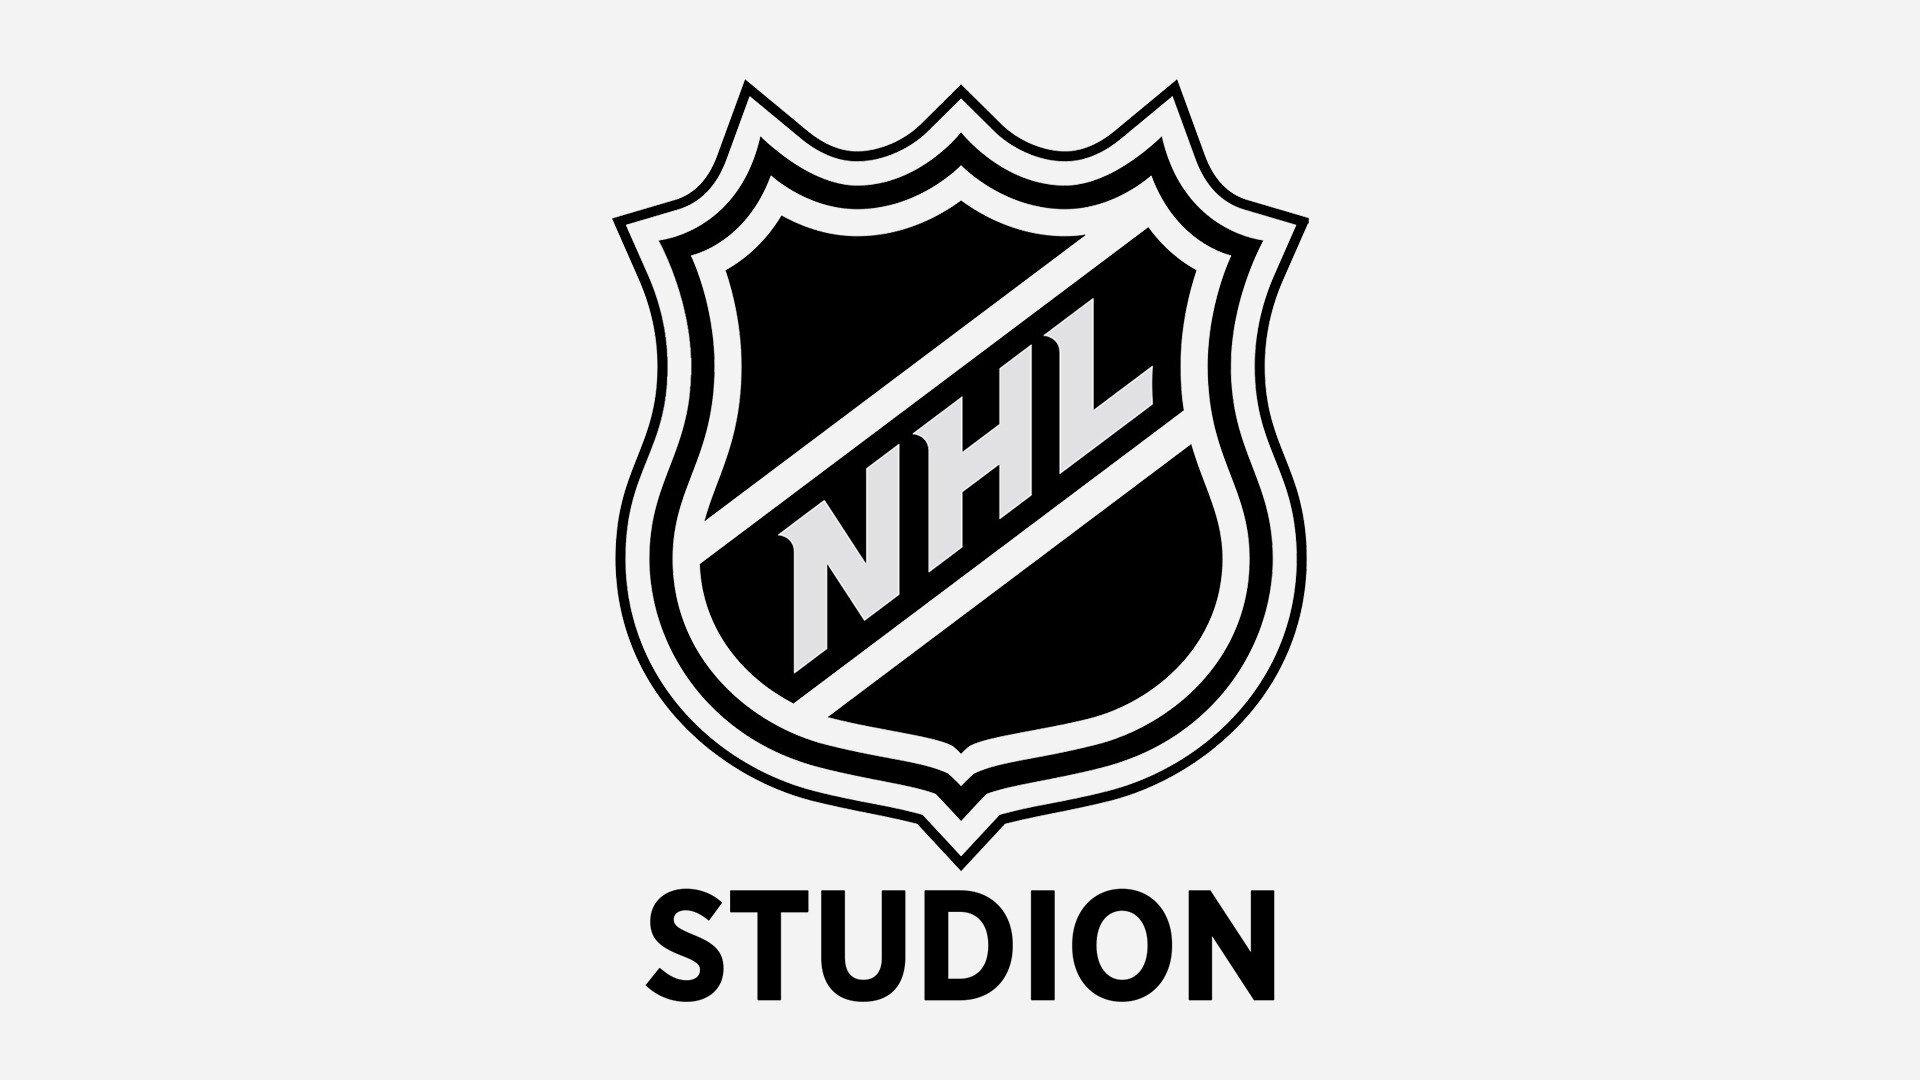 NHL-studion